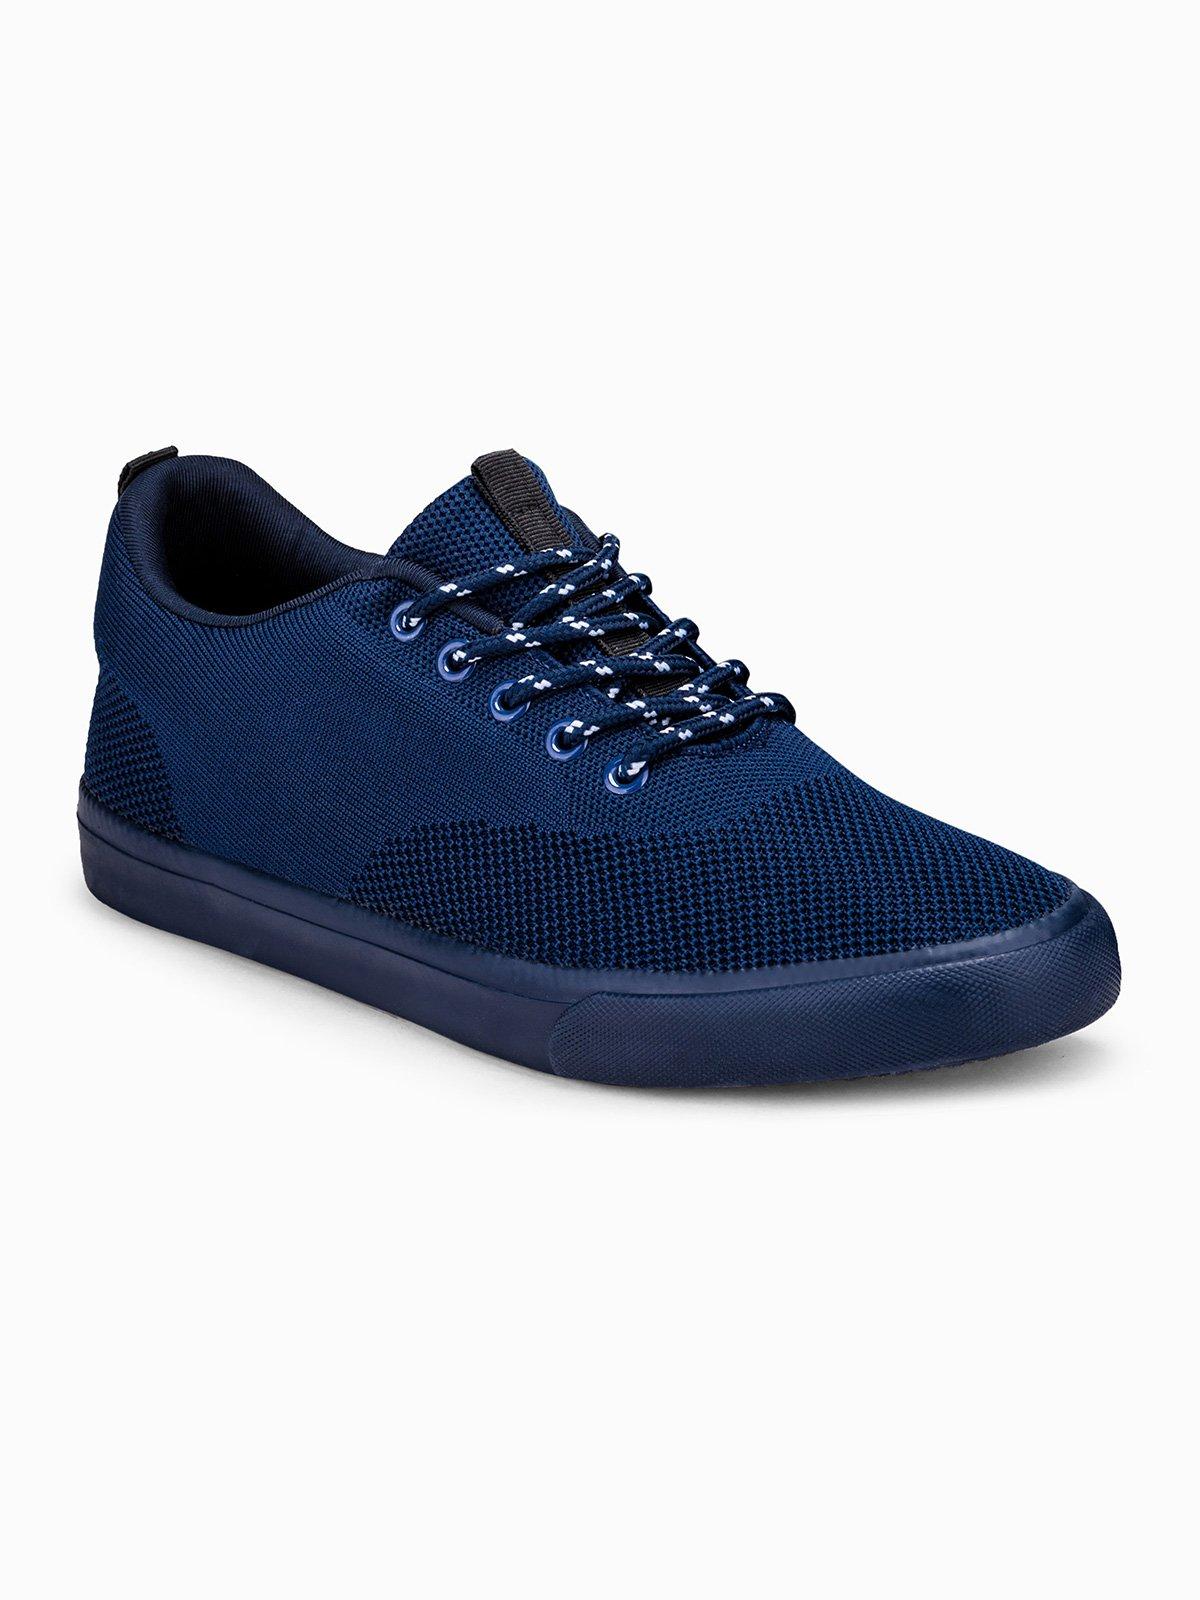 85ff81b748bea5 Взуття чоловіче кросівки T303 - темно-сині темно-синій | ЧОЛОВІЧЕ ...